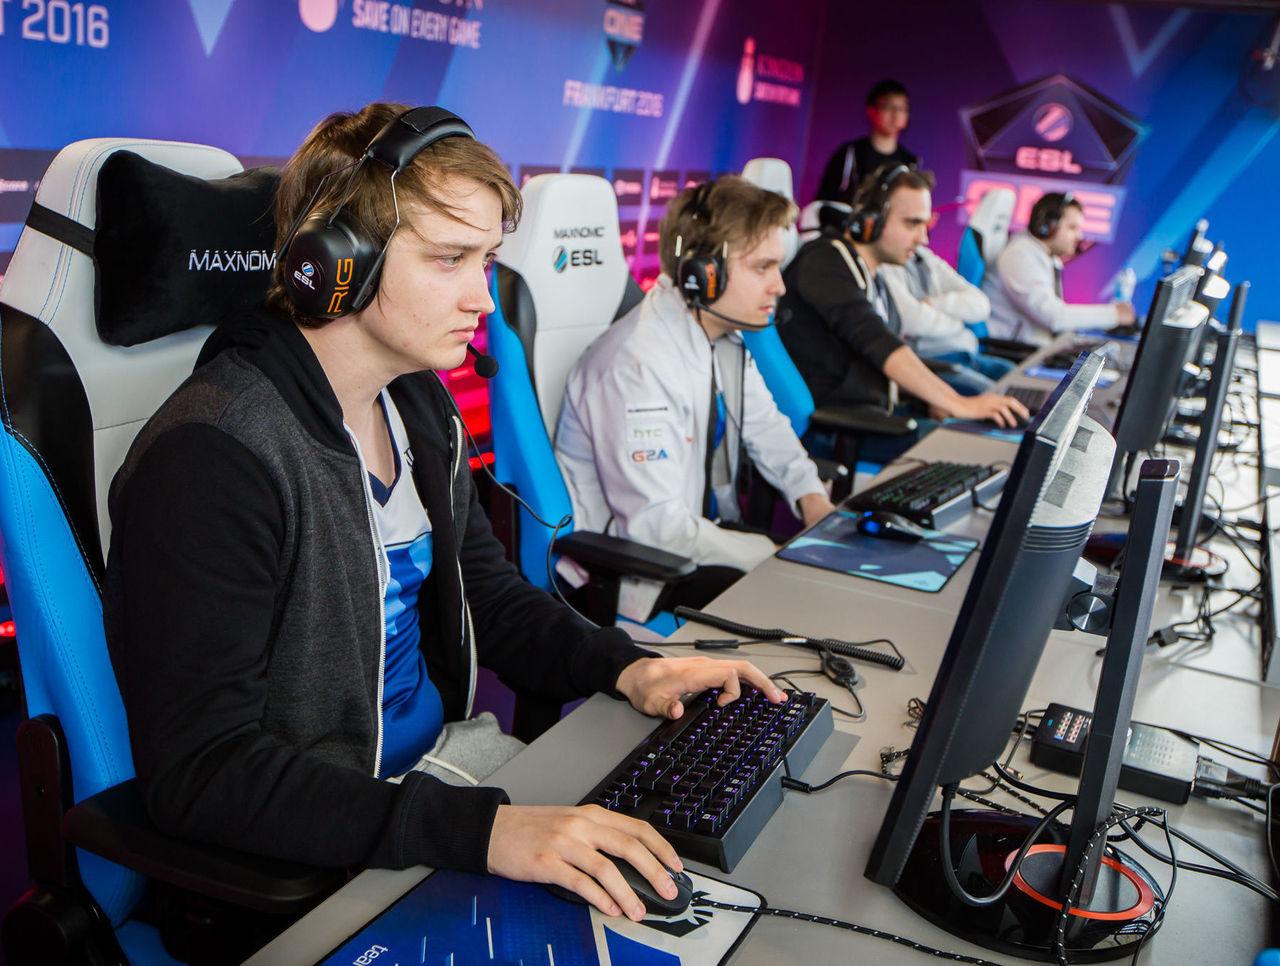 Європейська зведена команда виграла $10+ млн у Dota 2